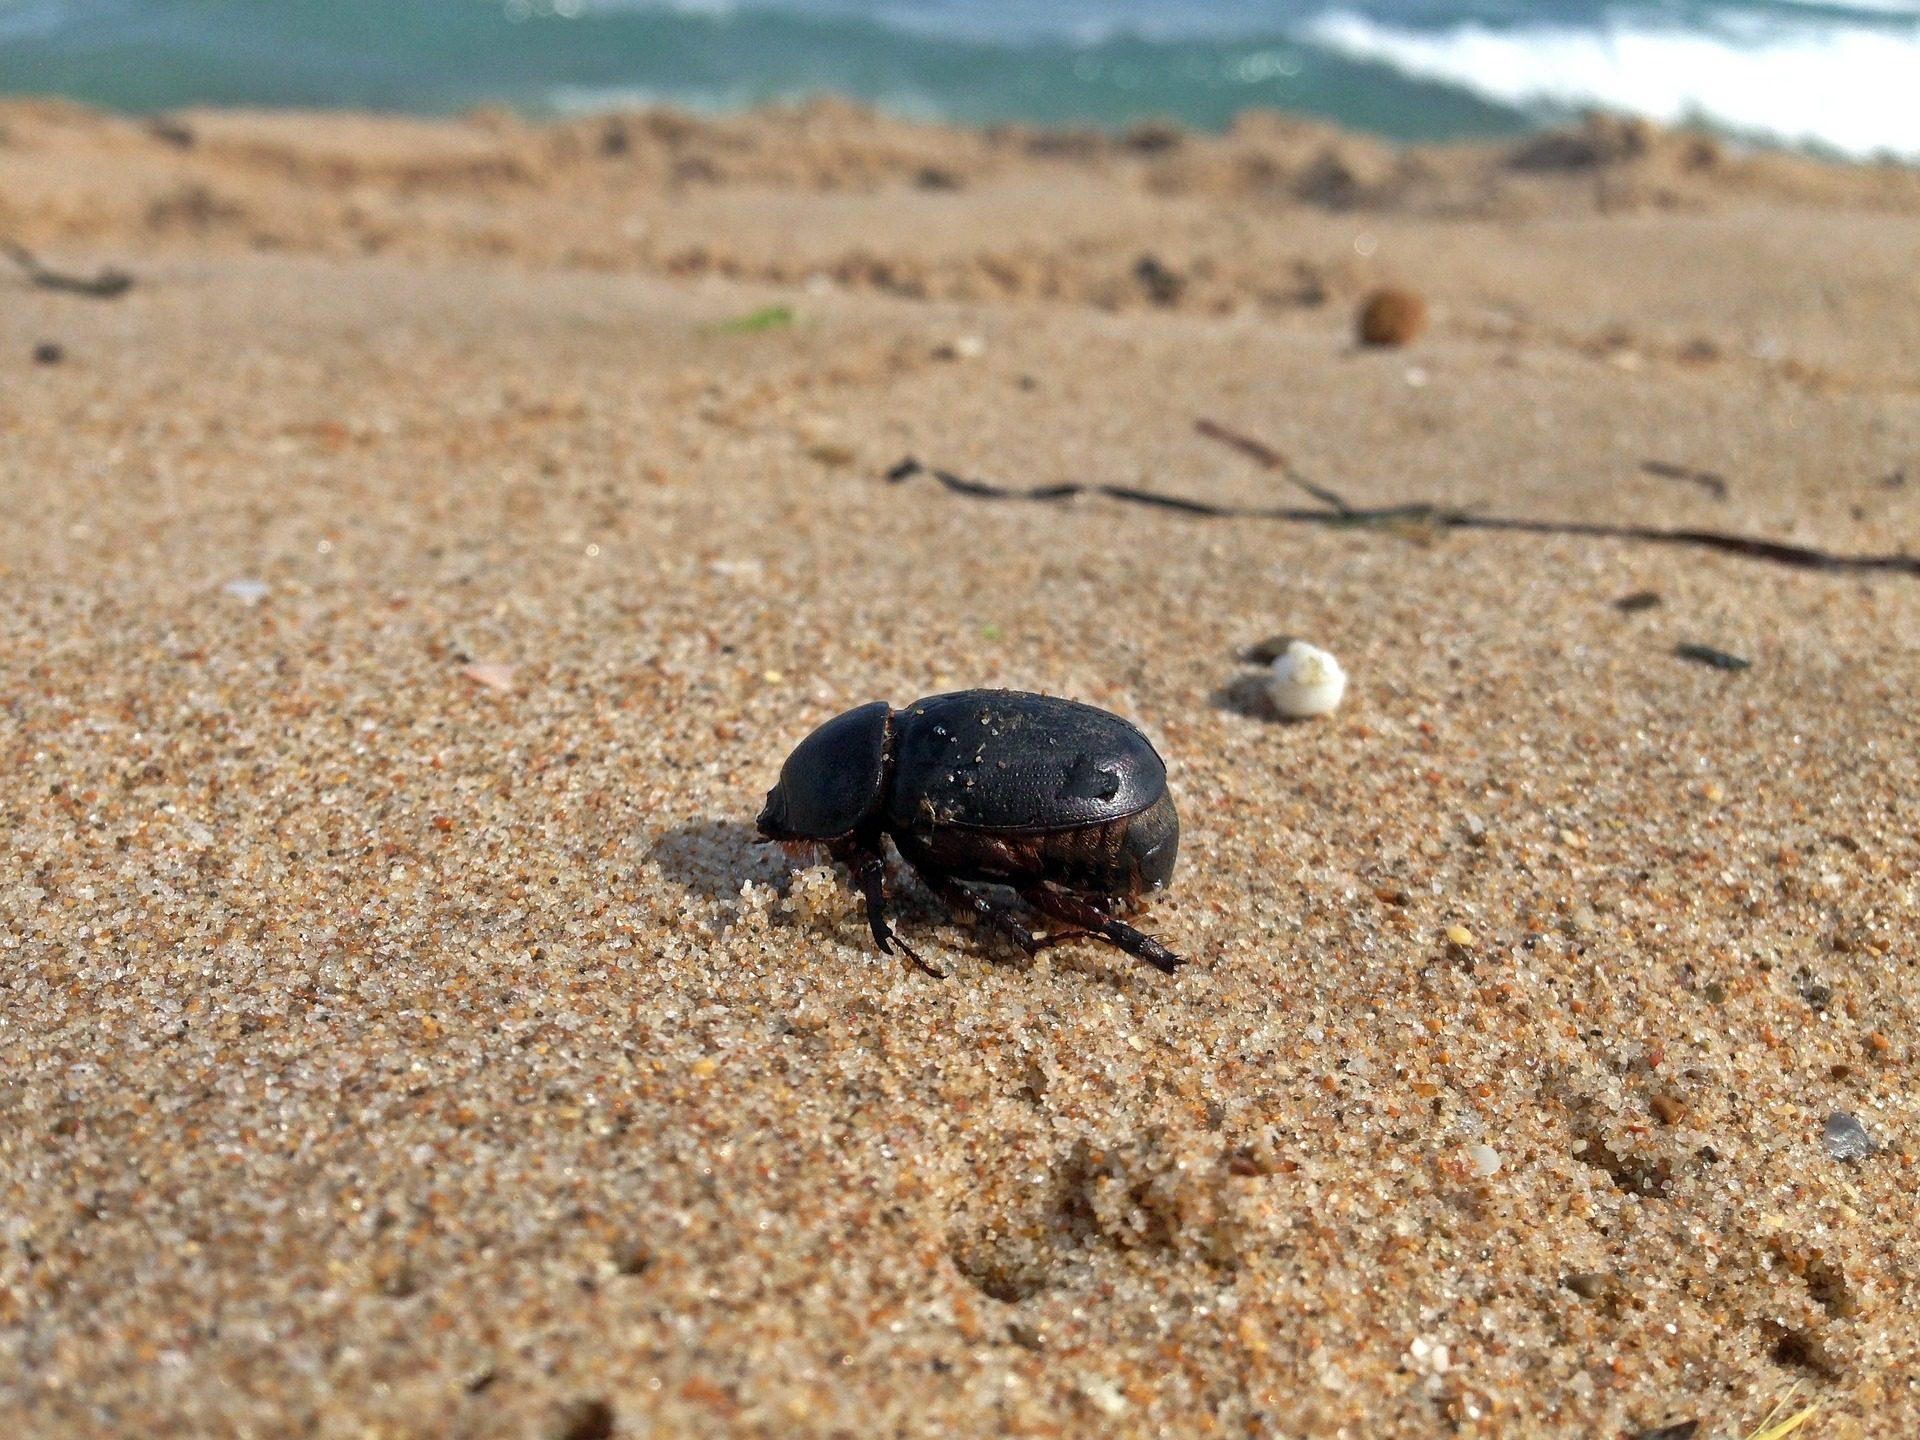 σκαθάρι, έντομο, Παραλία, Θάλασσα, Άμμος - Wallpapers HD - Professor-falken.com